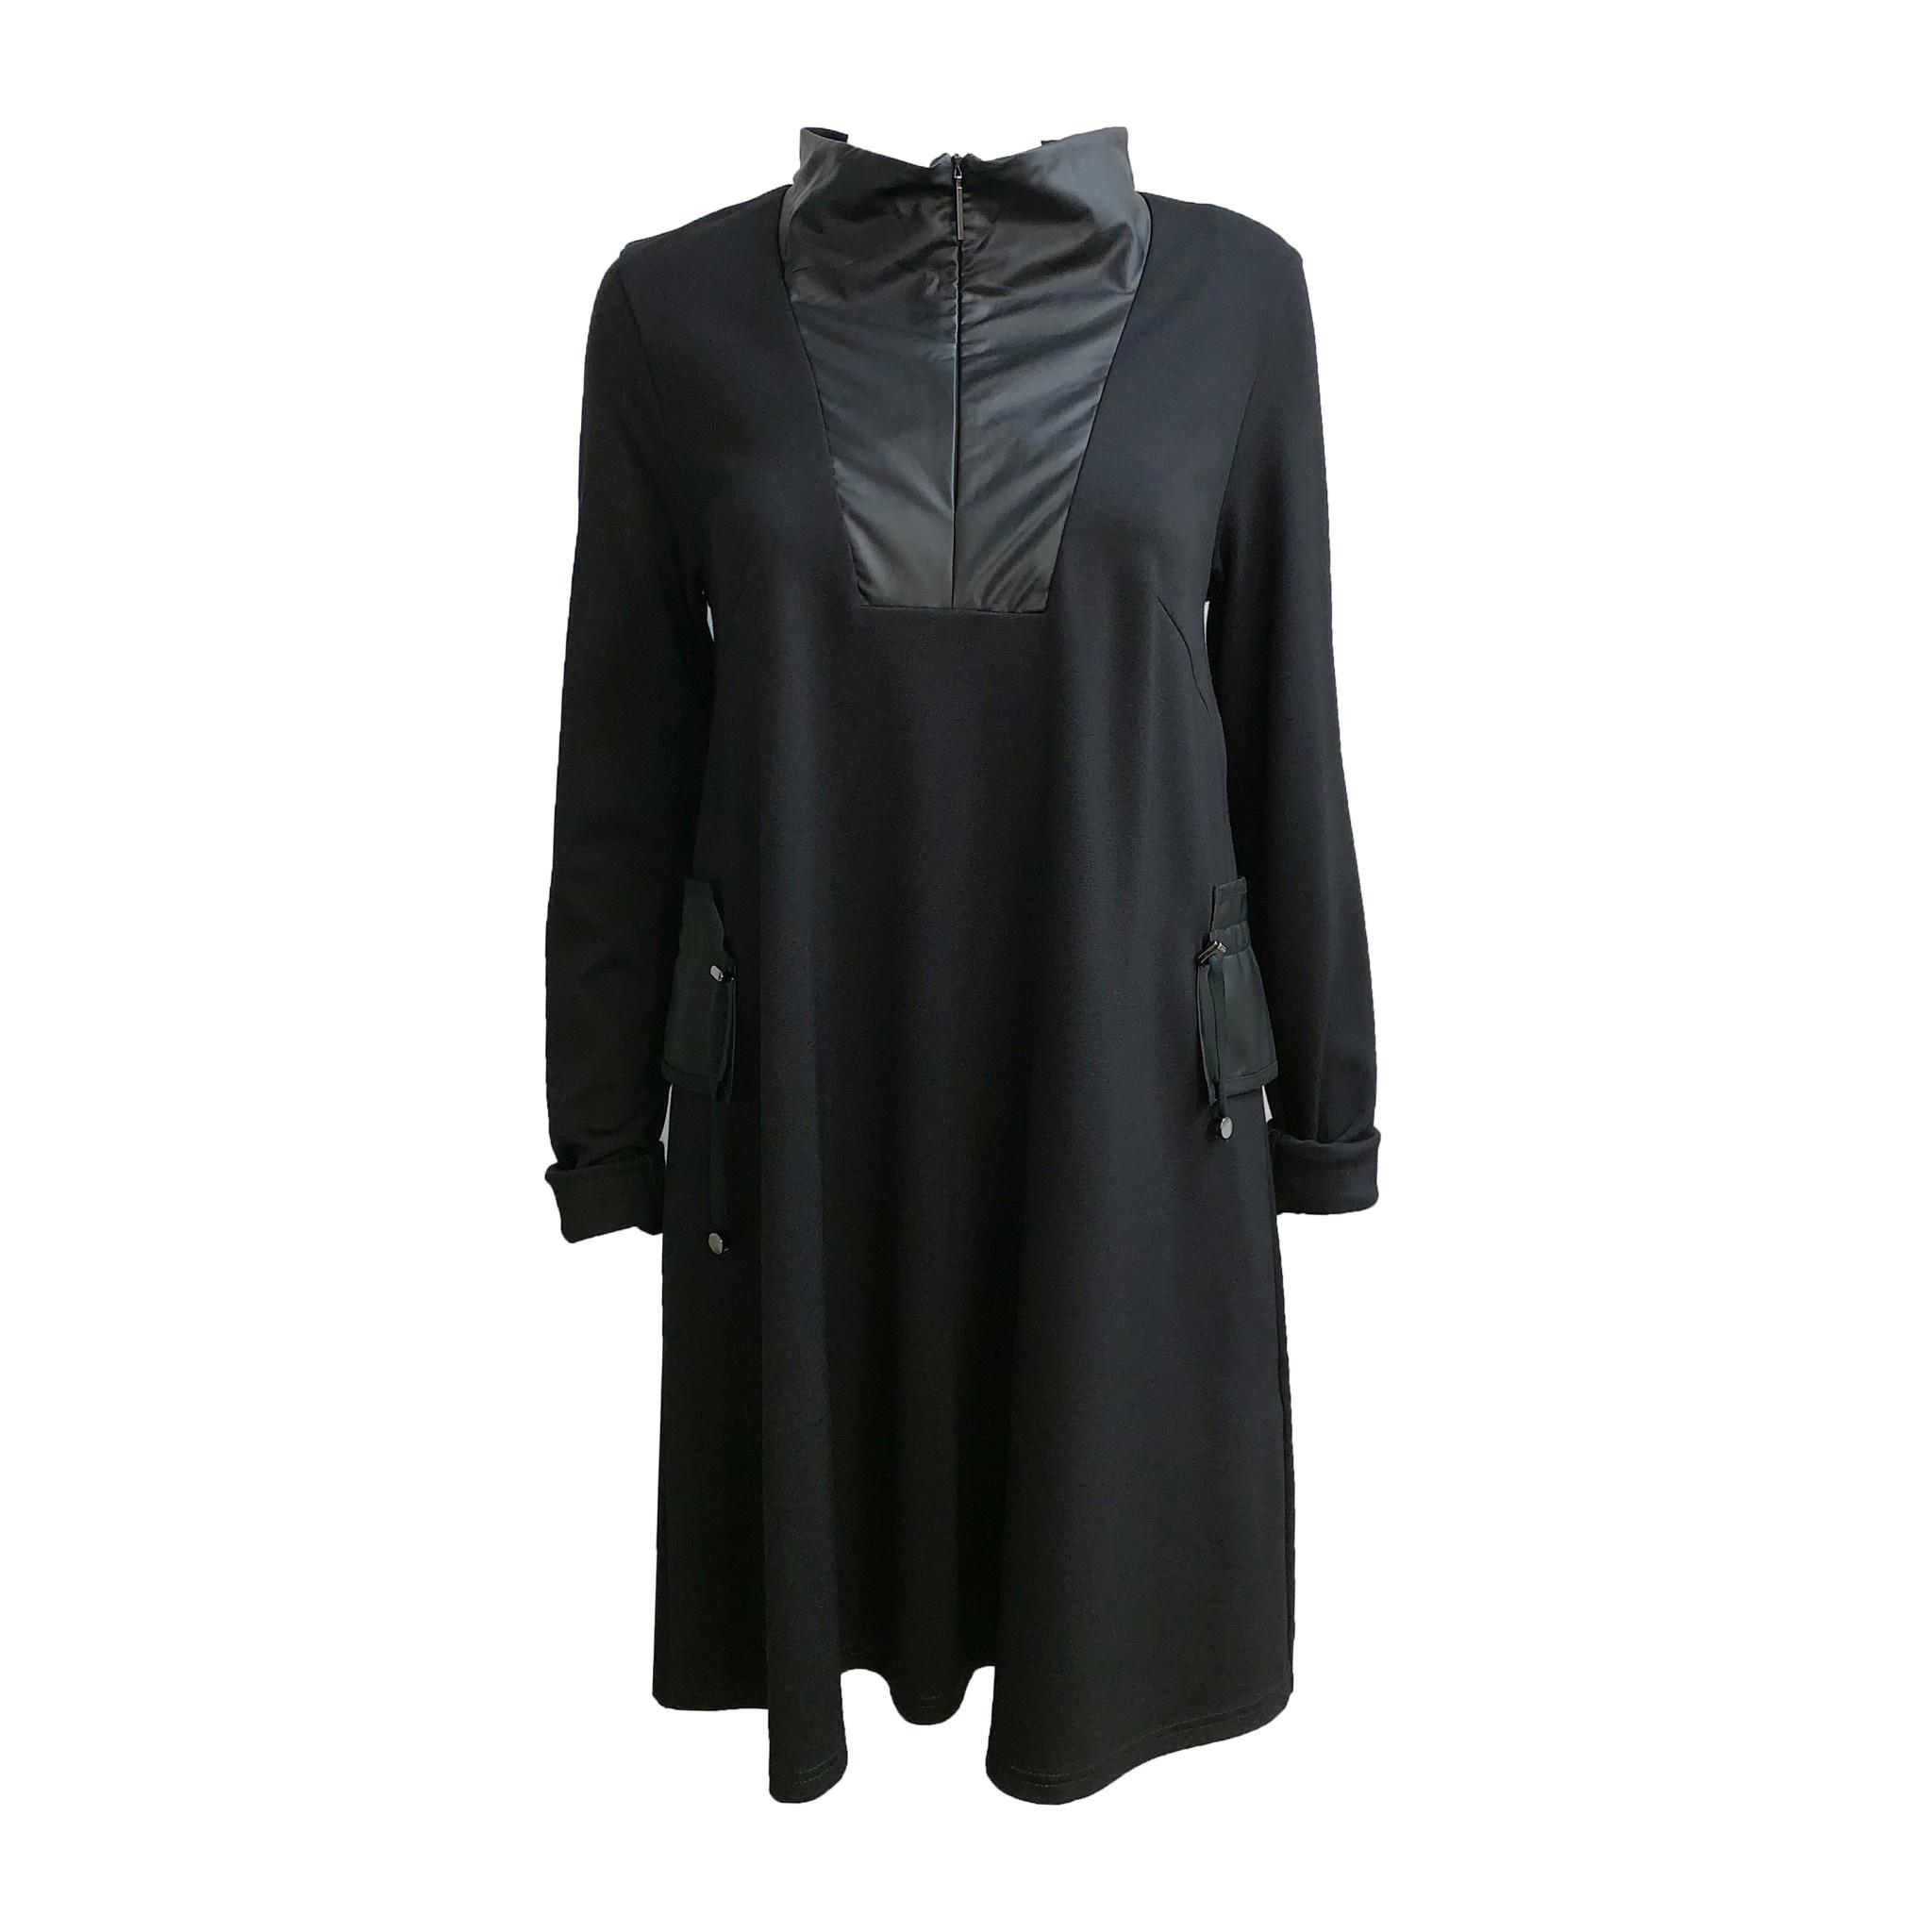 NY77 Design NY77 Design Zip Tunic - Black